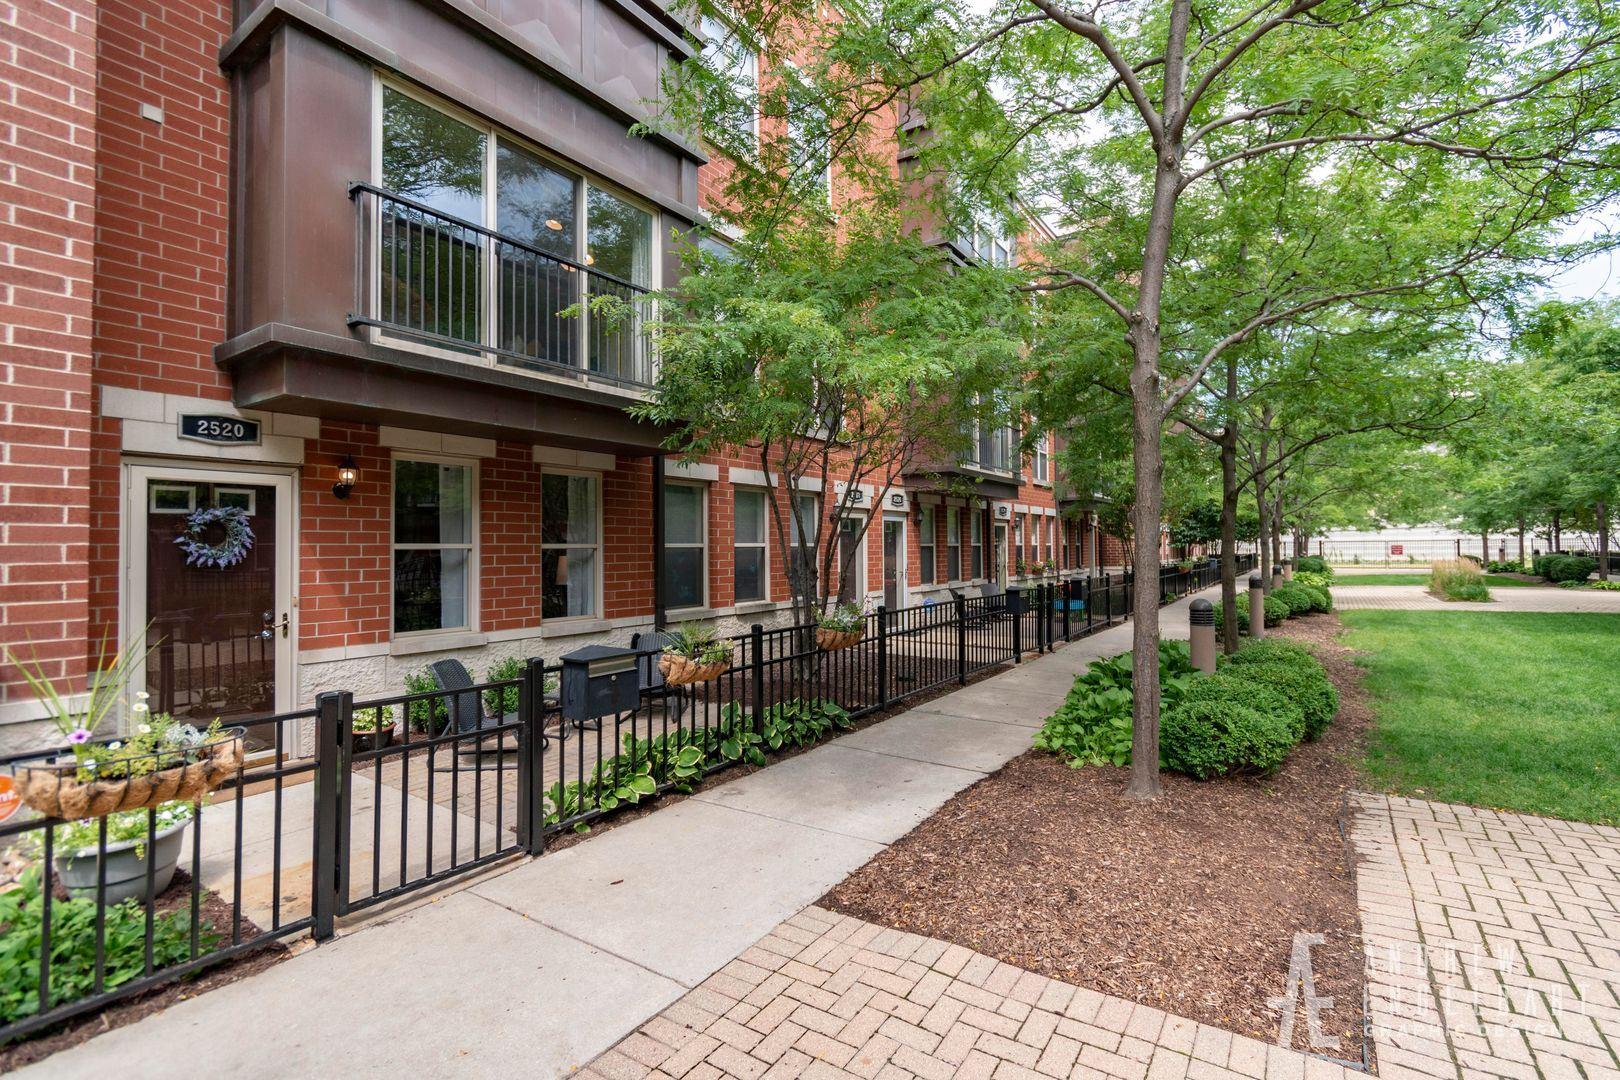 2520 S Calumet Avenue, Chicago, IL 60616 - #: 10814710